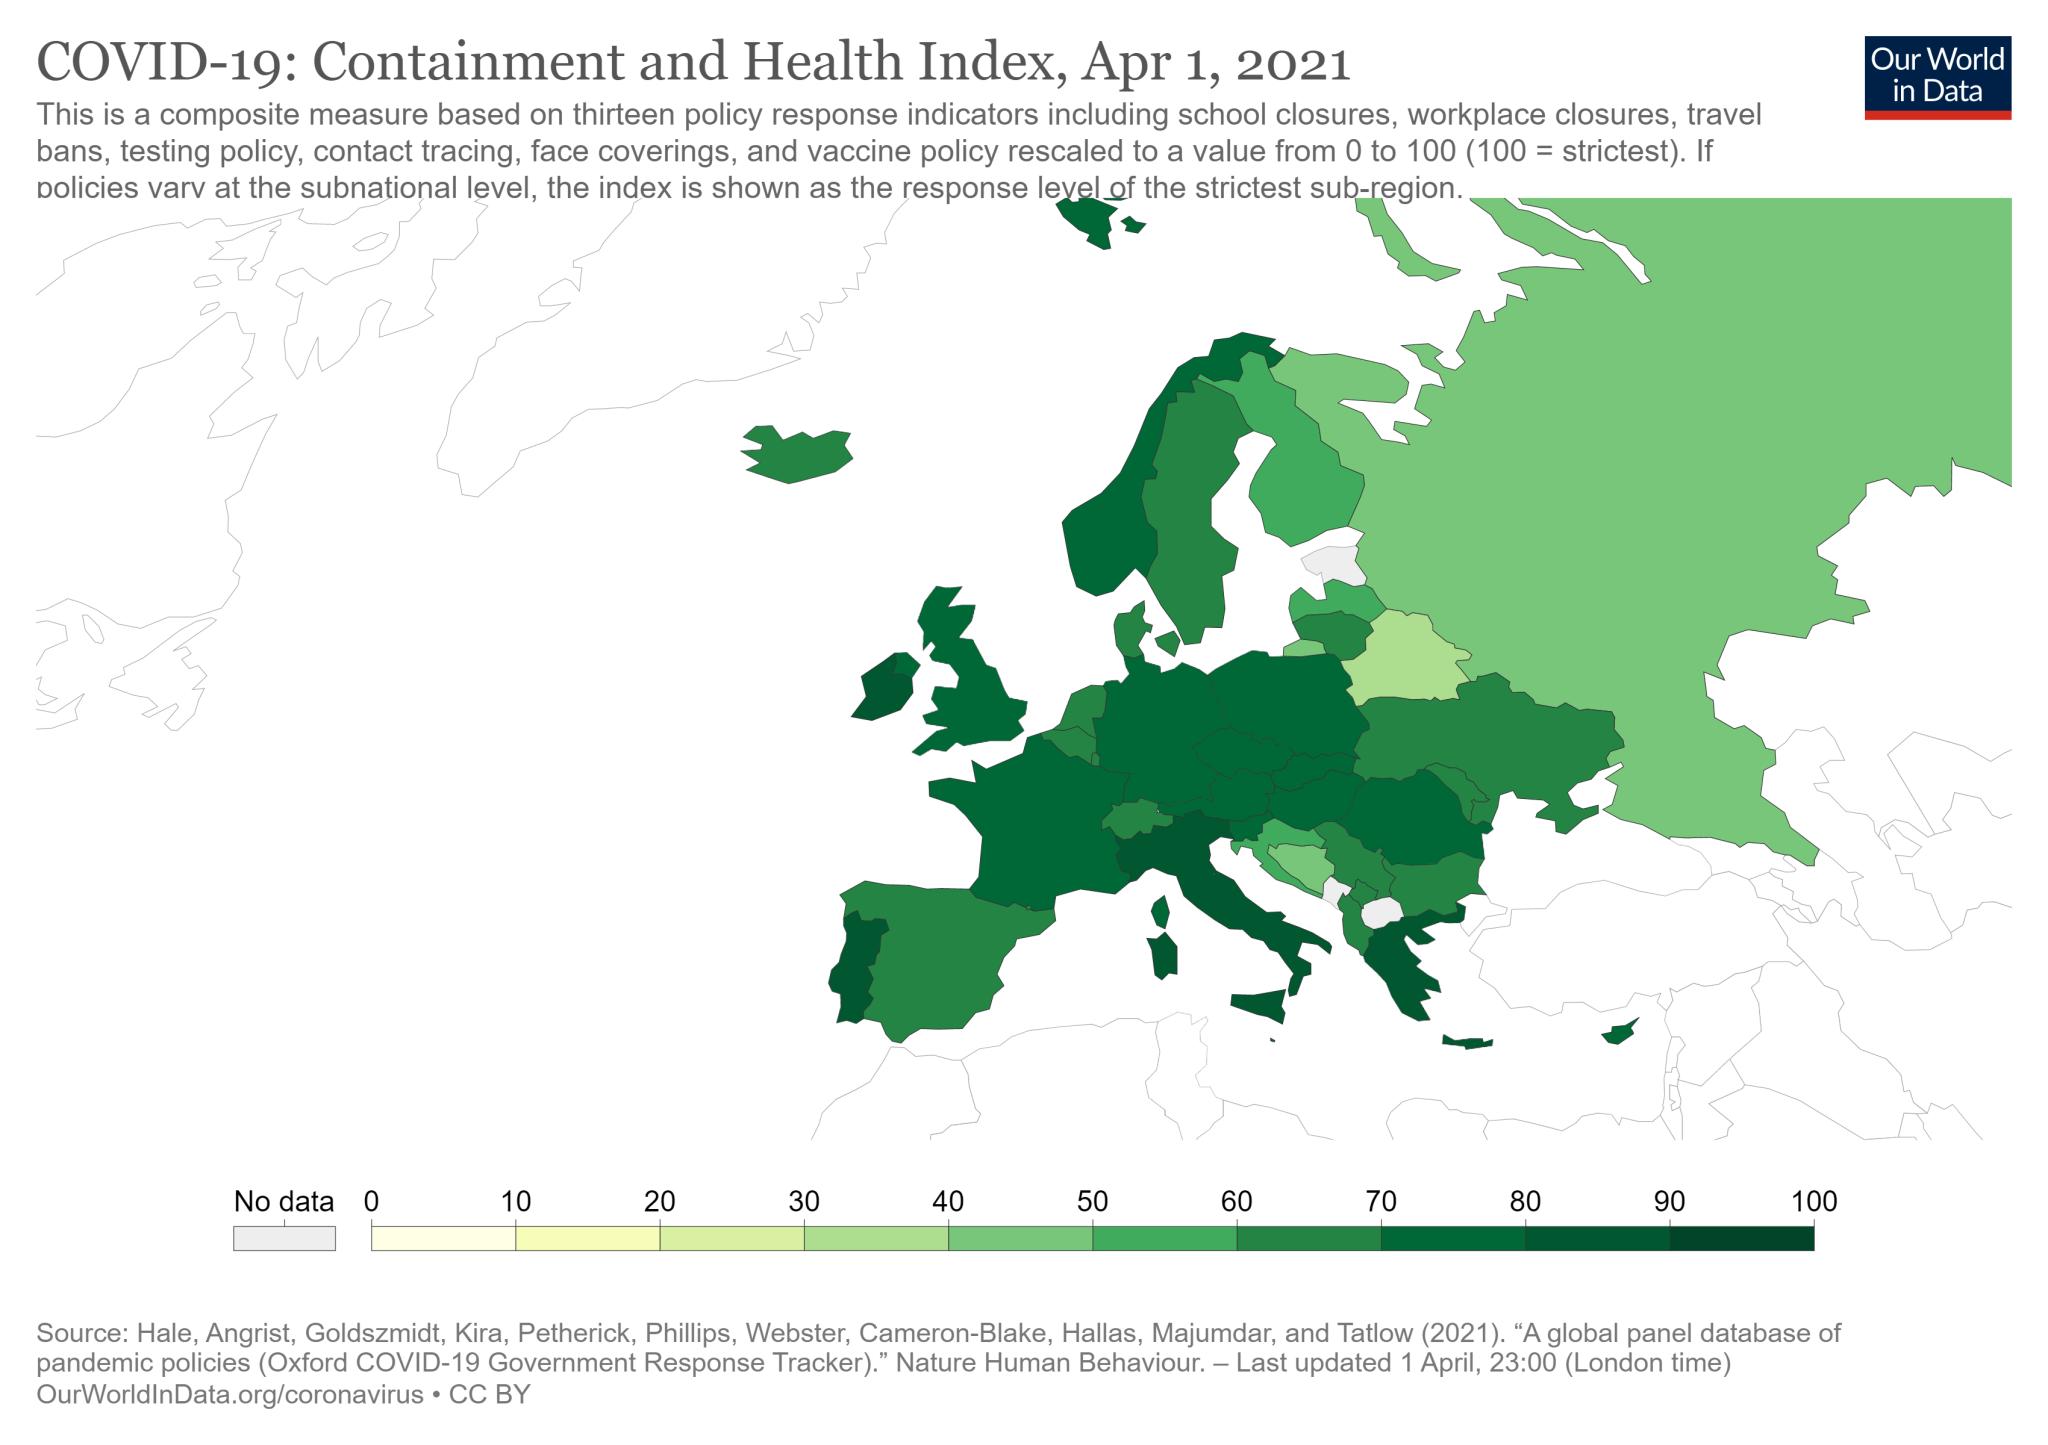 COVID-19: wskaźnik powstrzymywania i zdrowia w Europie (stan na 1 kwietnia 2021)